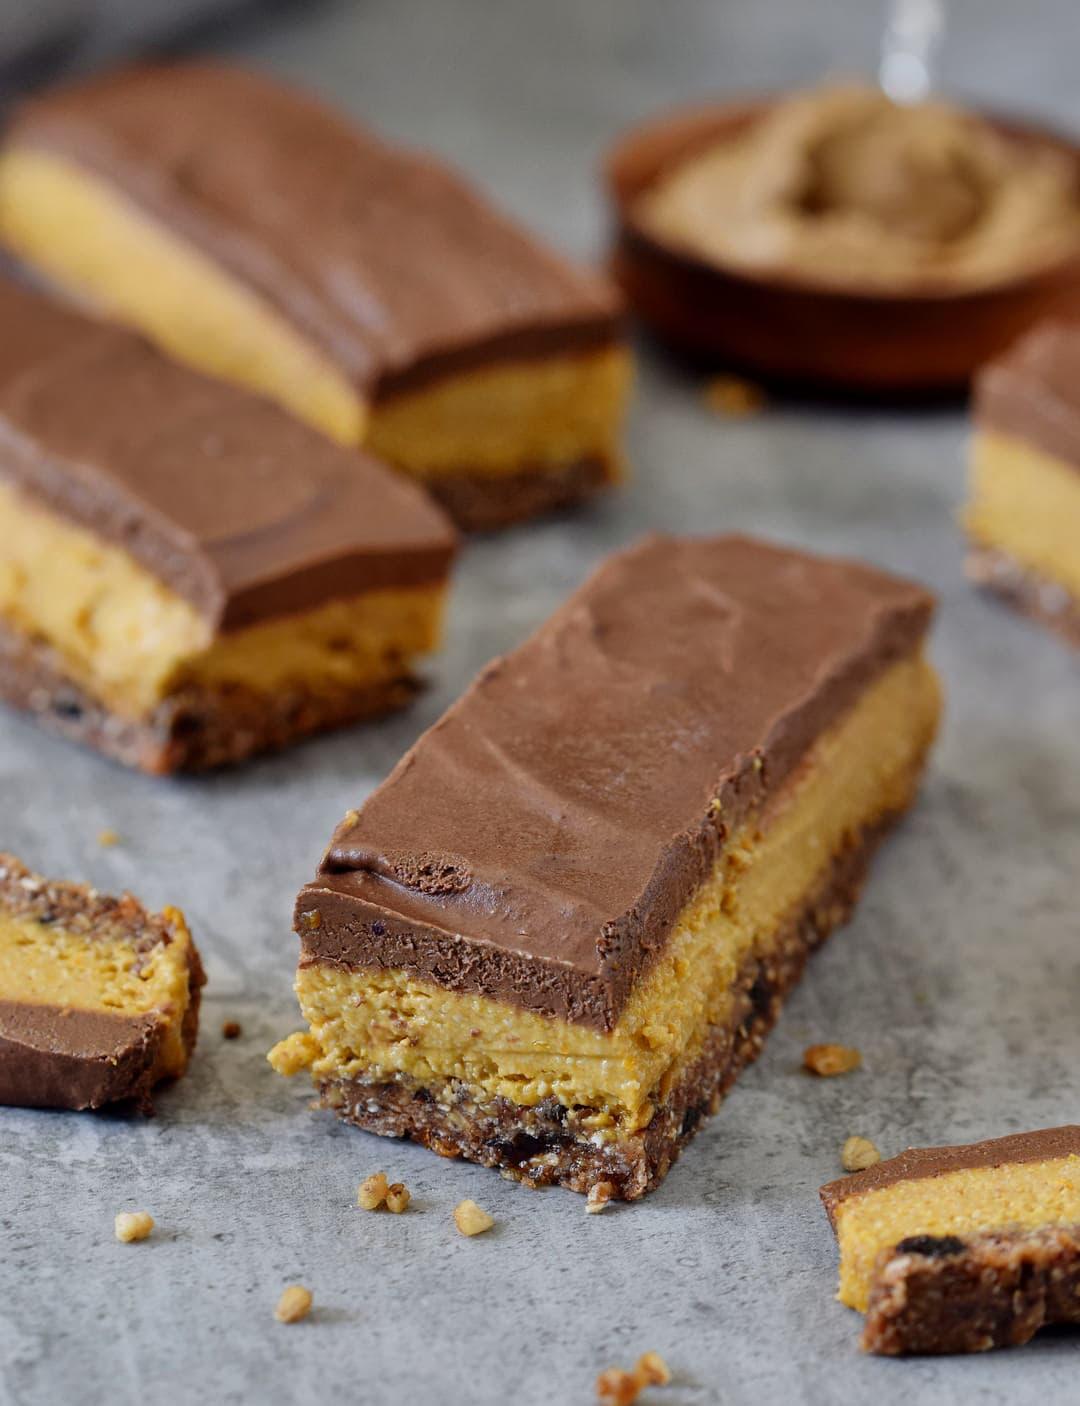 Gesunde vegane Kürbisschnitten mit einer glutenfreien Schokoladenglasur